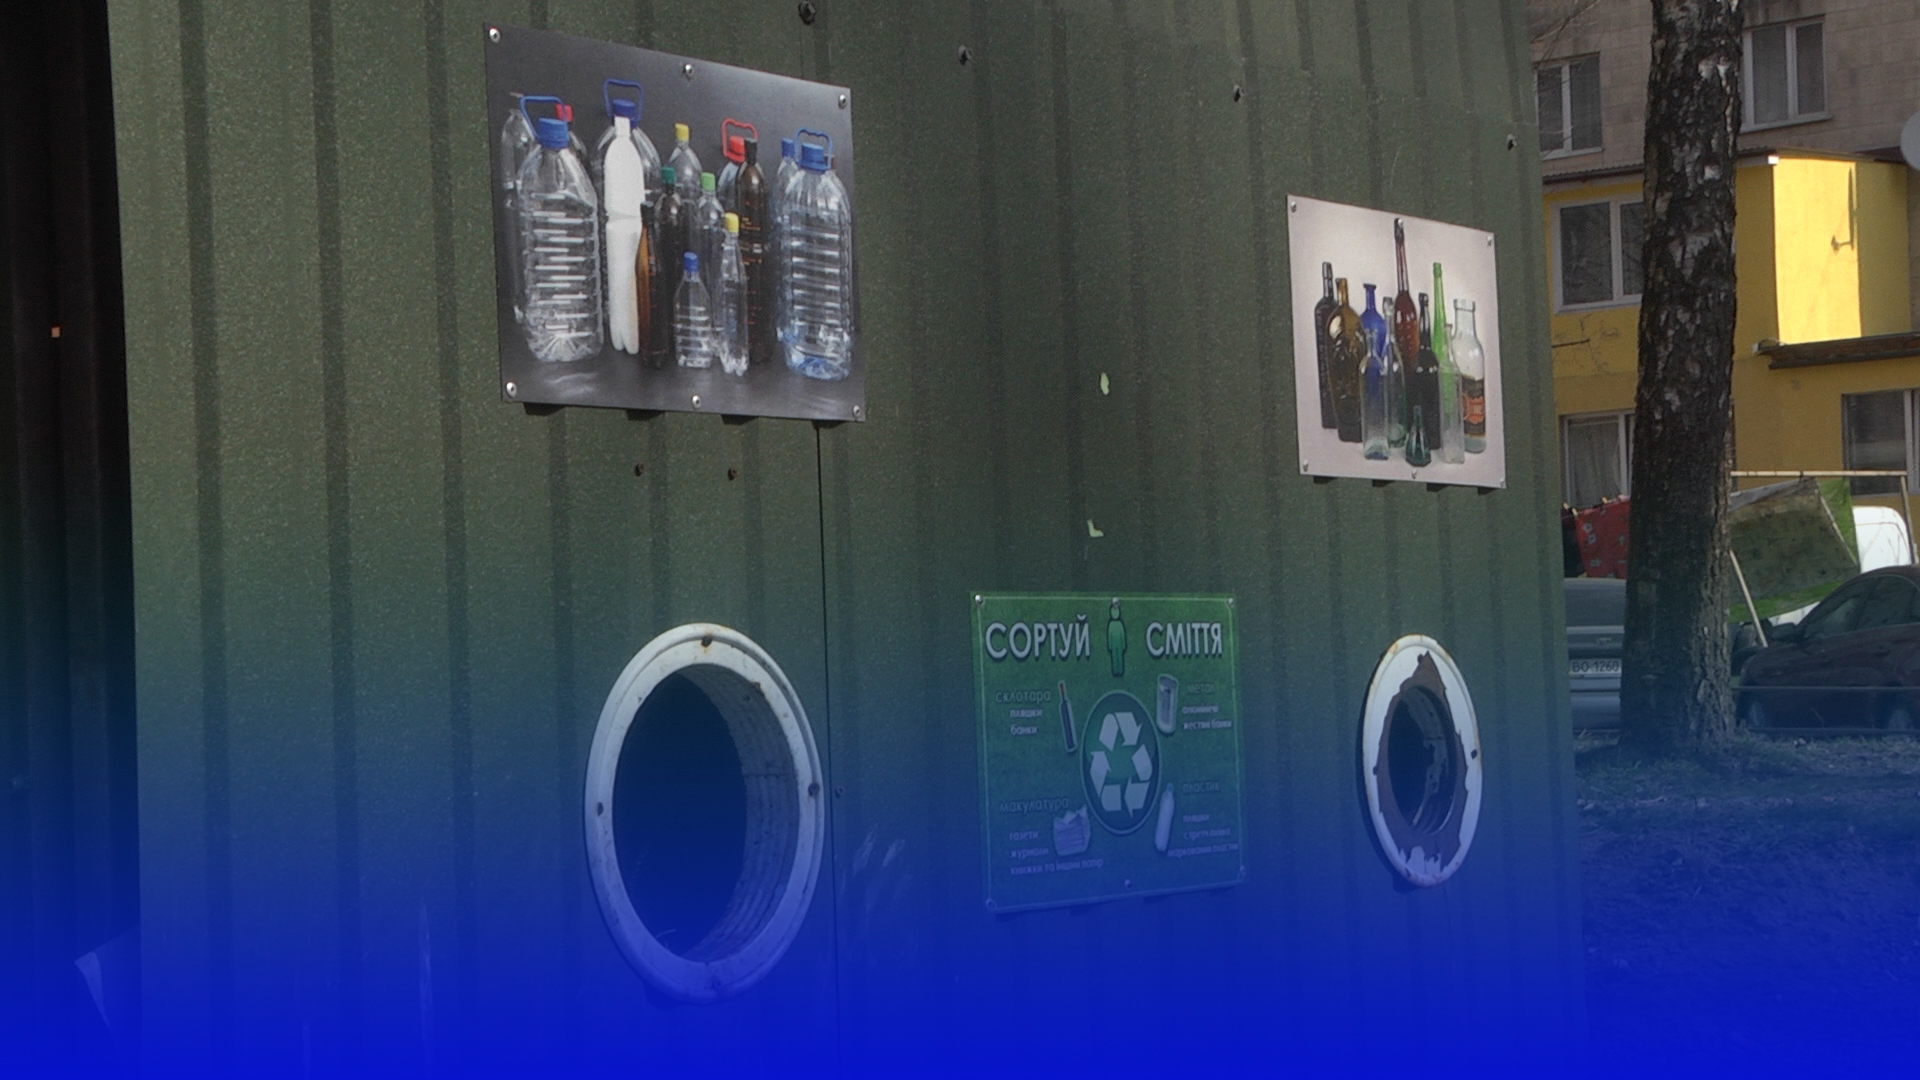 Cортування — крок до зменшення сміття: досвід ОСББ на вул. Чалдаєва